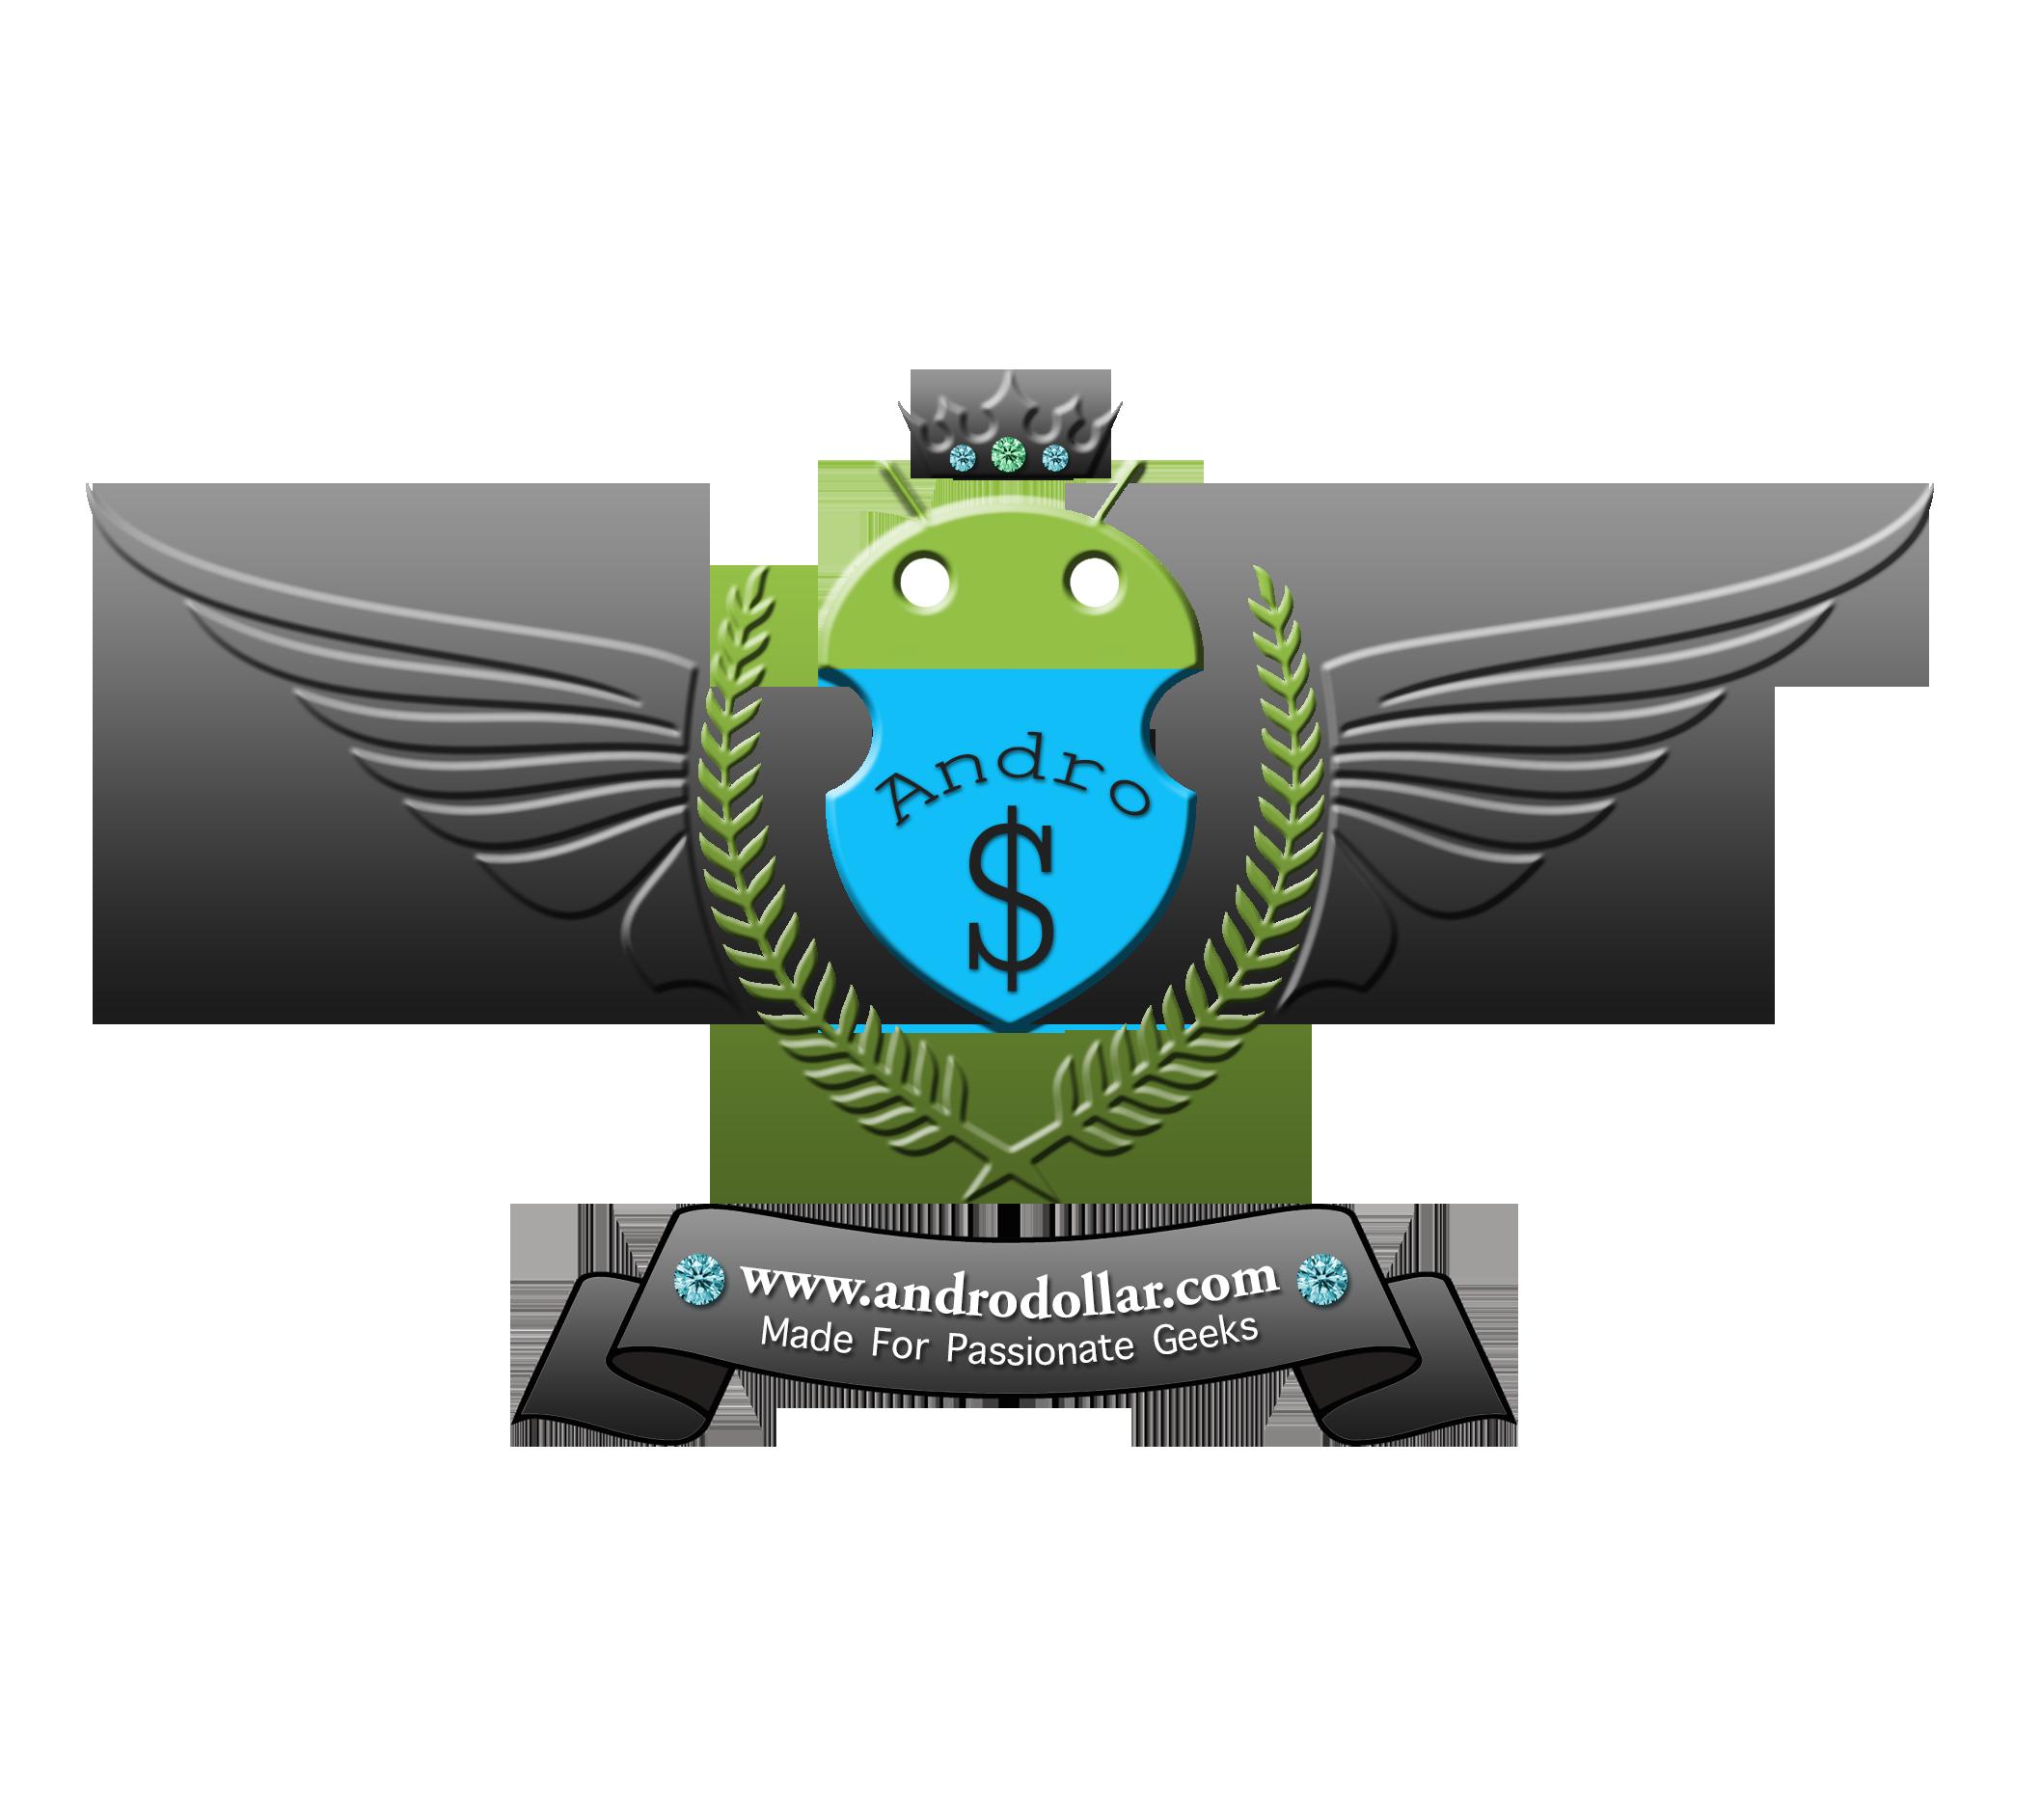 The New Andro Dollar Logo